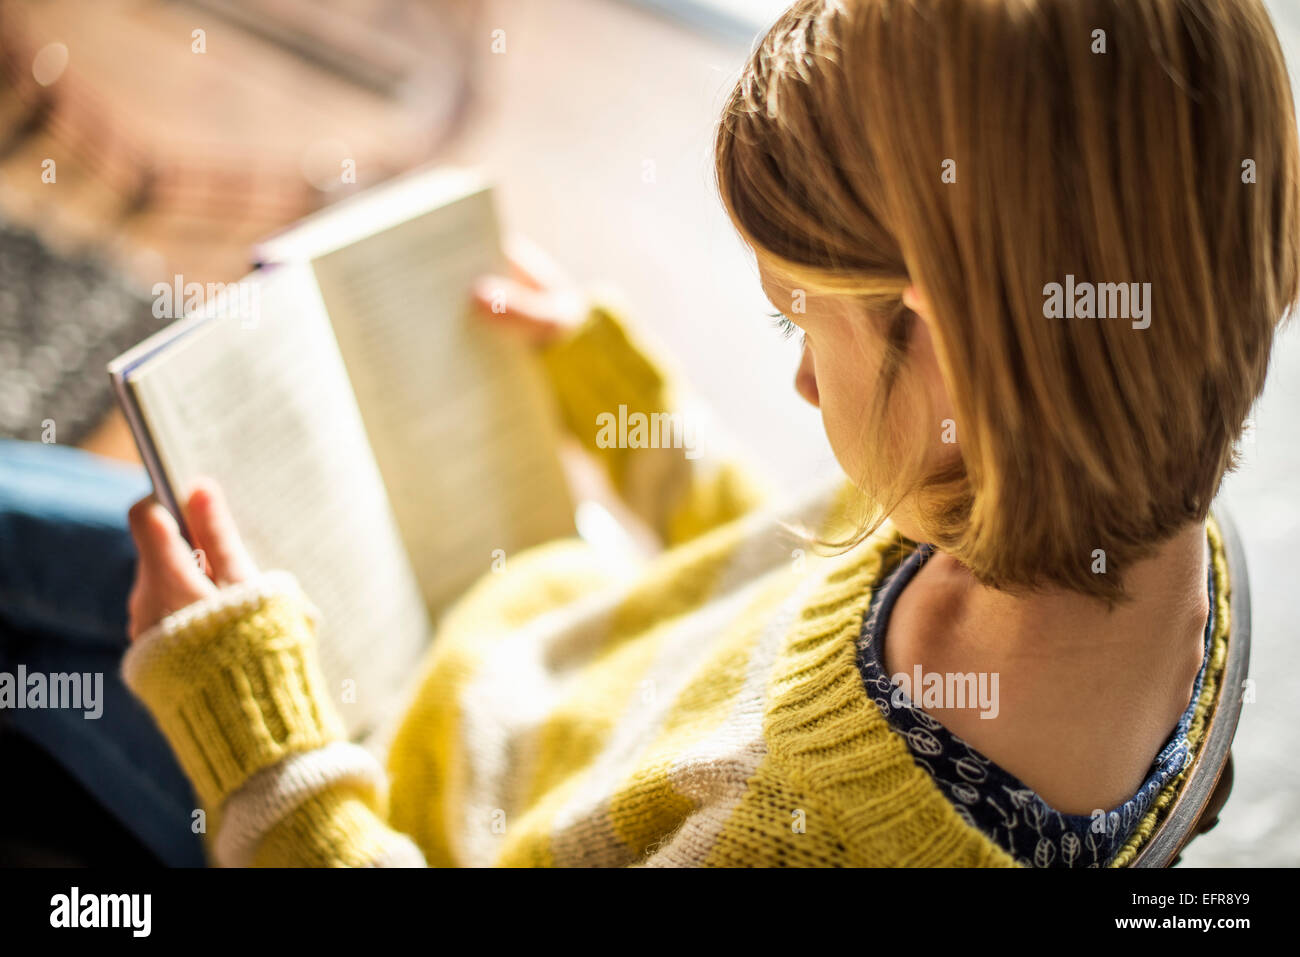 Portrait d'une fille blonde dans un cavalier jaune assis sur une chaise, lisant un livre. Photo Stock